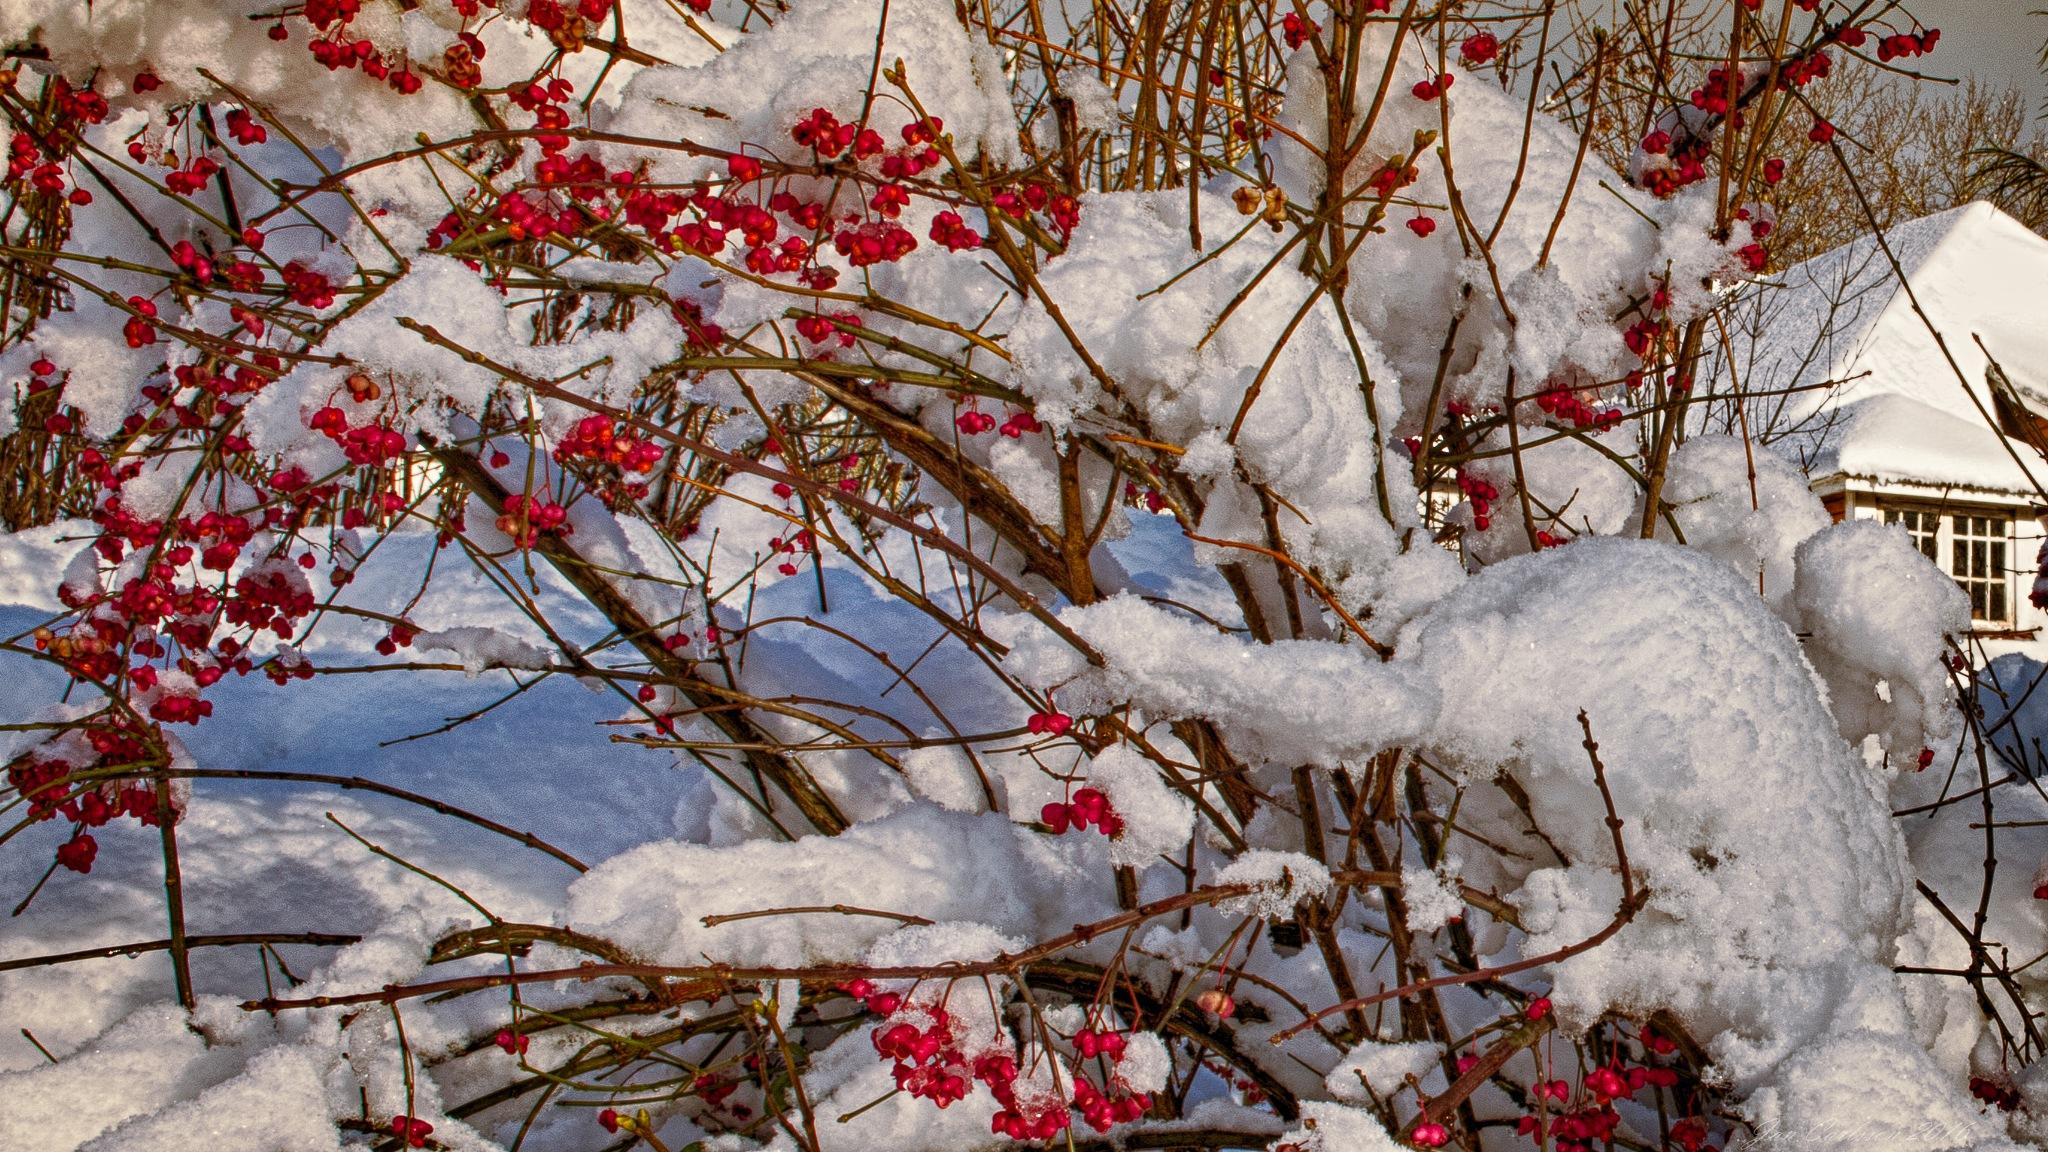 Euonymus in Snow by carljan w carlsson